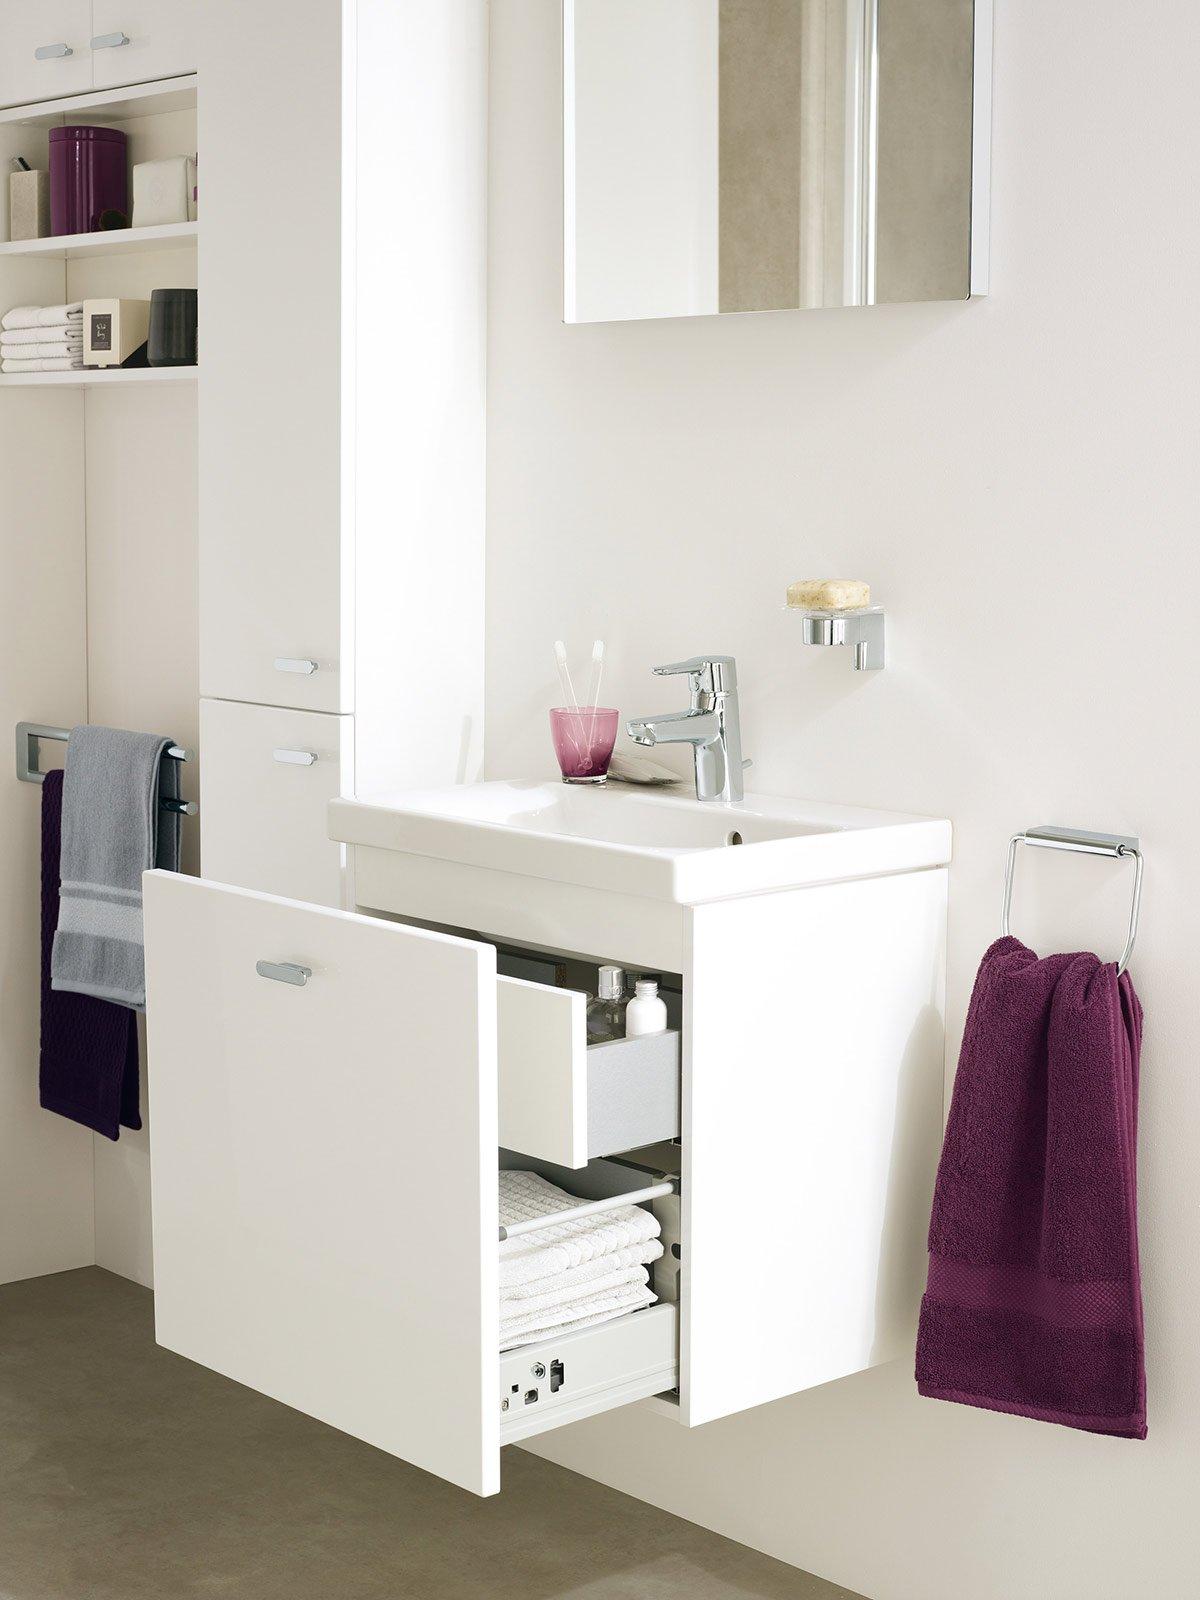 Bagno piccolo soluzioni piccole cose di casa - Soluzioni bagno piccolo ikea ...